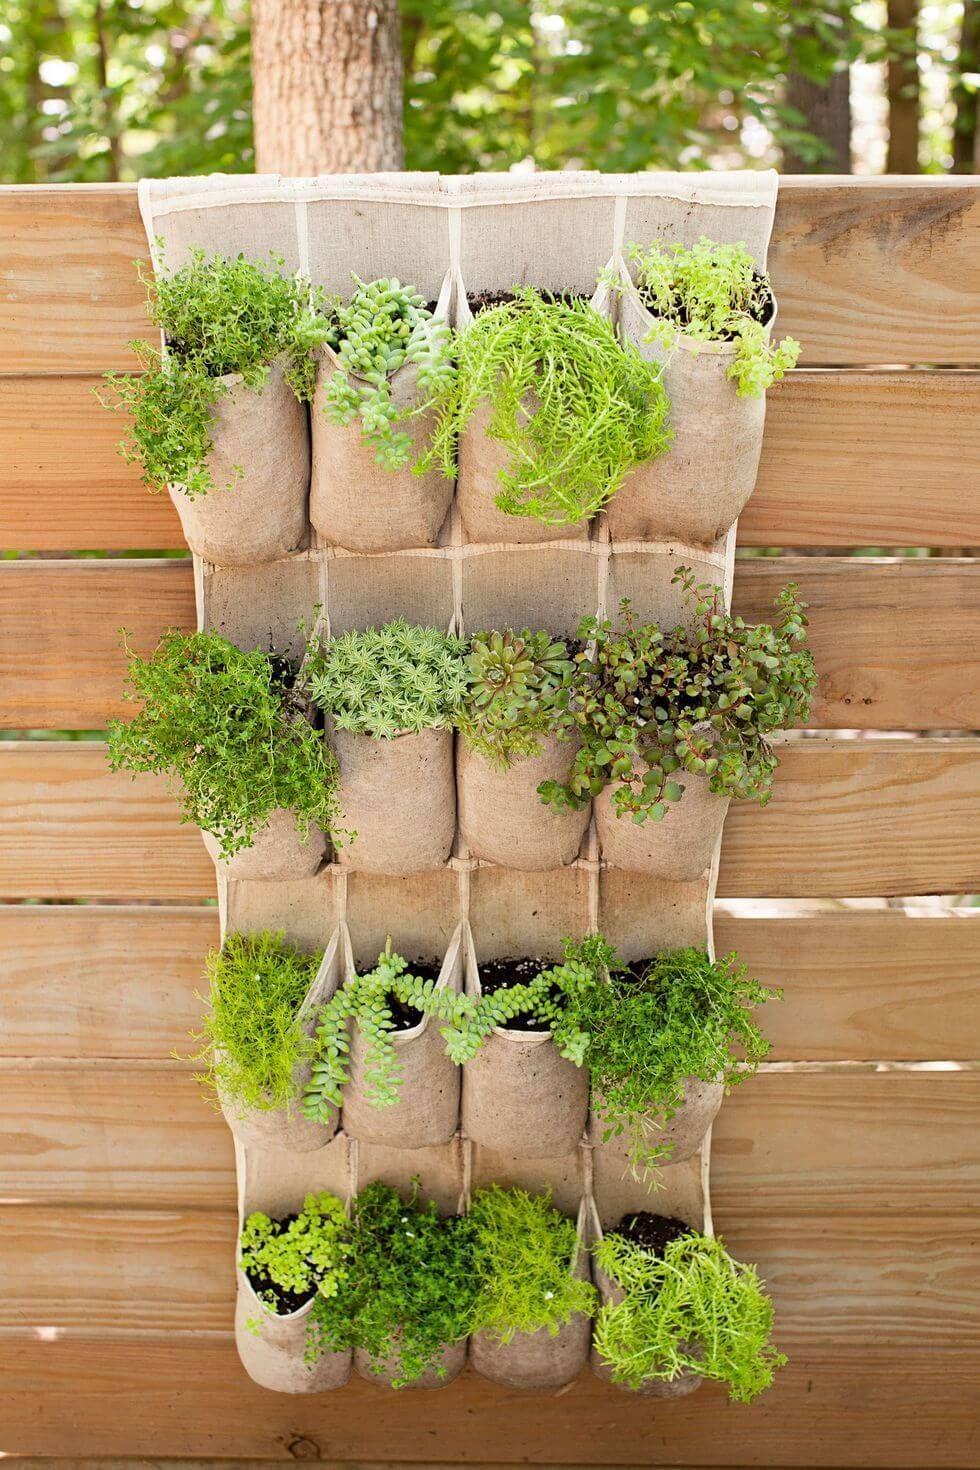 10+ Awesome DIY Vertical Pocket Planter Ideas For Your Garden 2019 #diygardenideas